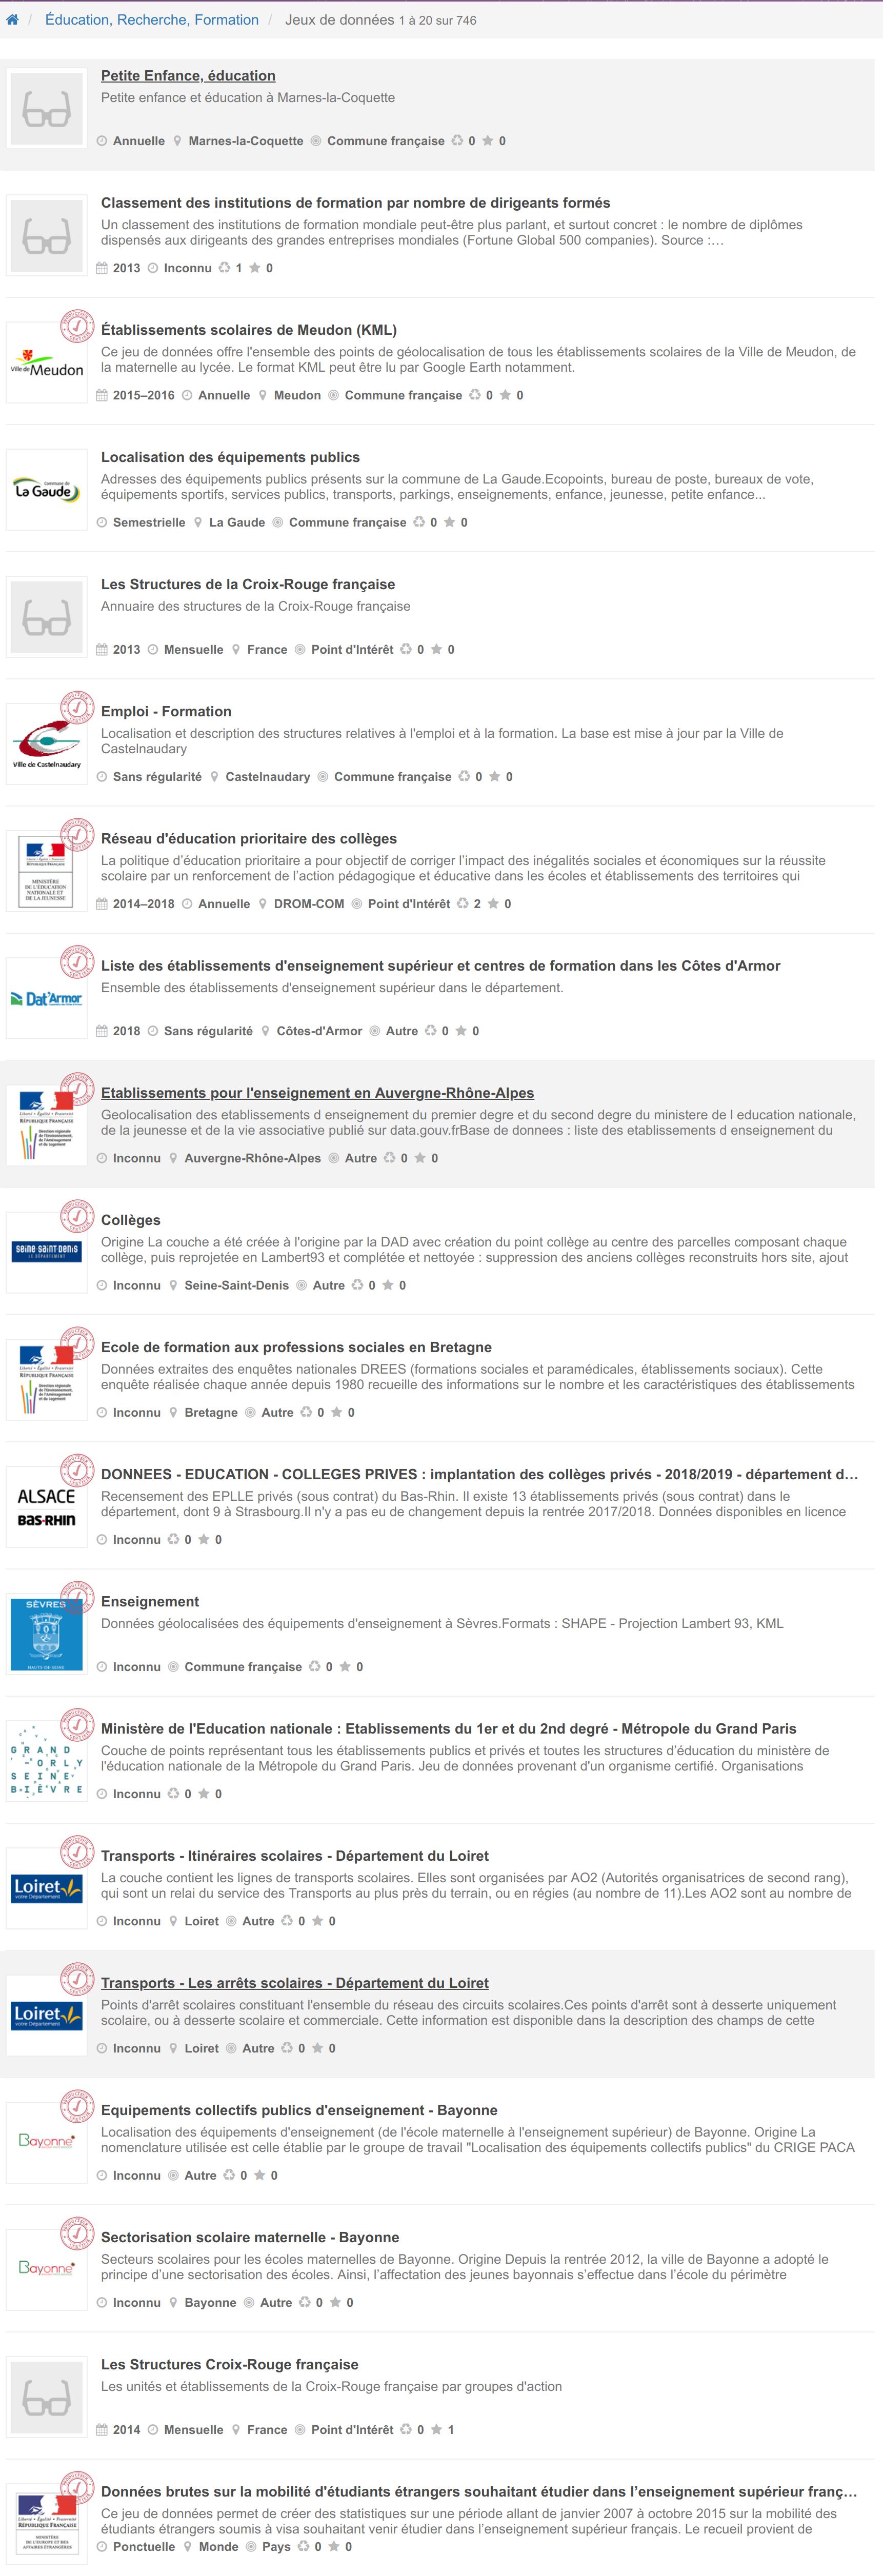 screenshot-www data gouv fr-2019 07 09-10-29-03